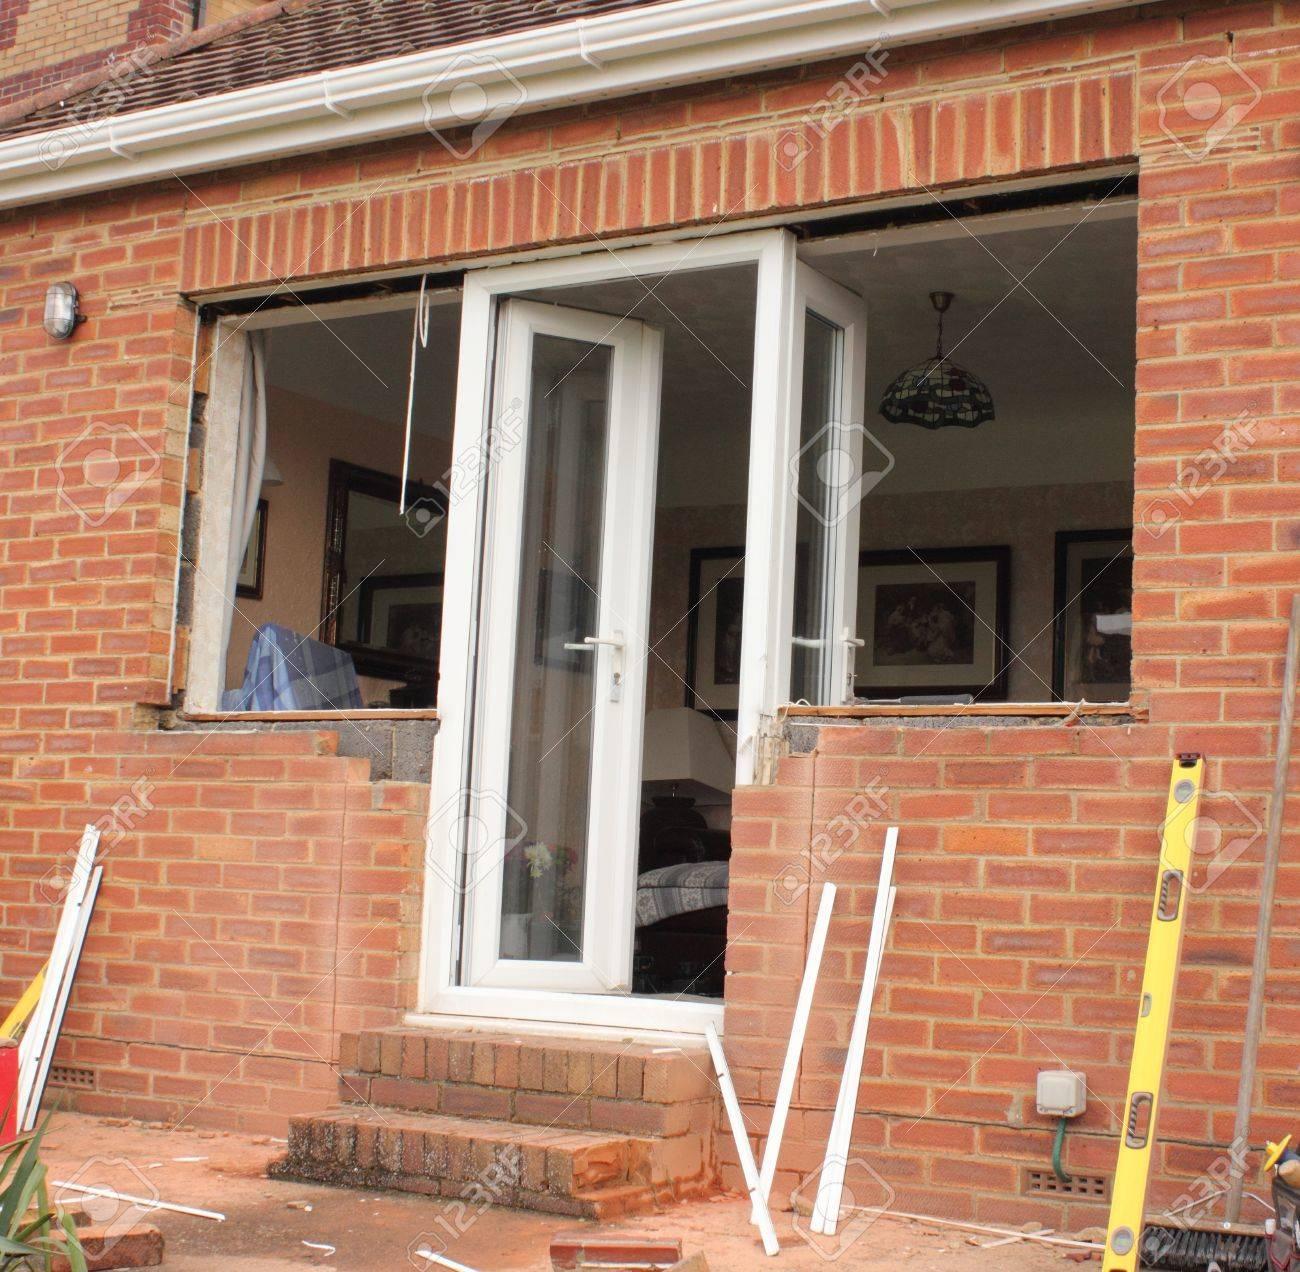 Full Size of Fensterfugen Erneuern Von Tren Und Fenster Zu Einem Bungalow Lizenzfreie Fotos Bad Kosten Wohnzimmer Fensterfugen Erneuern